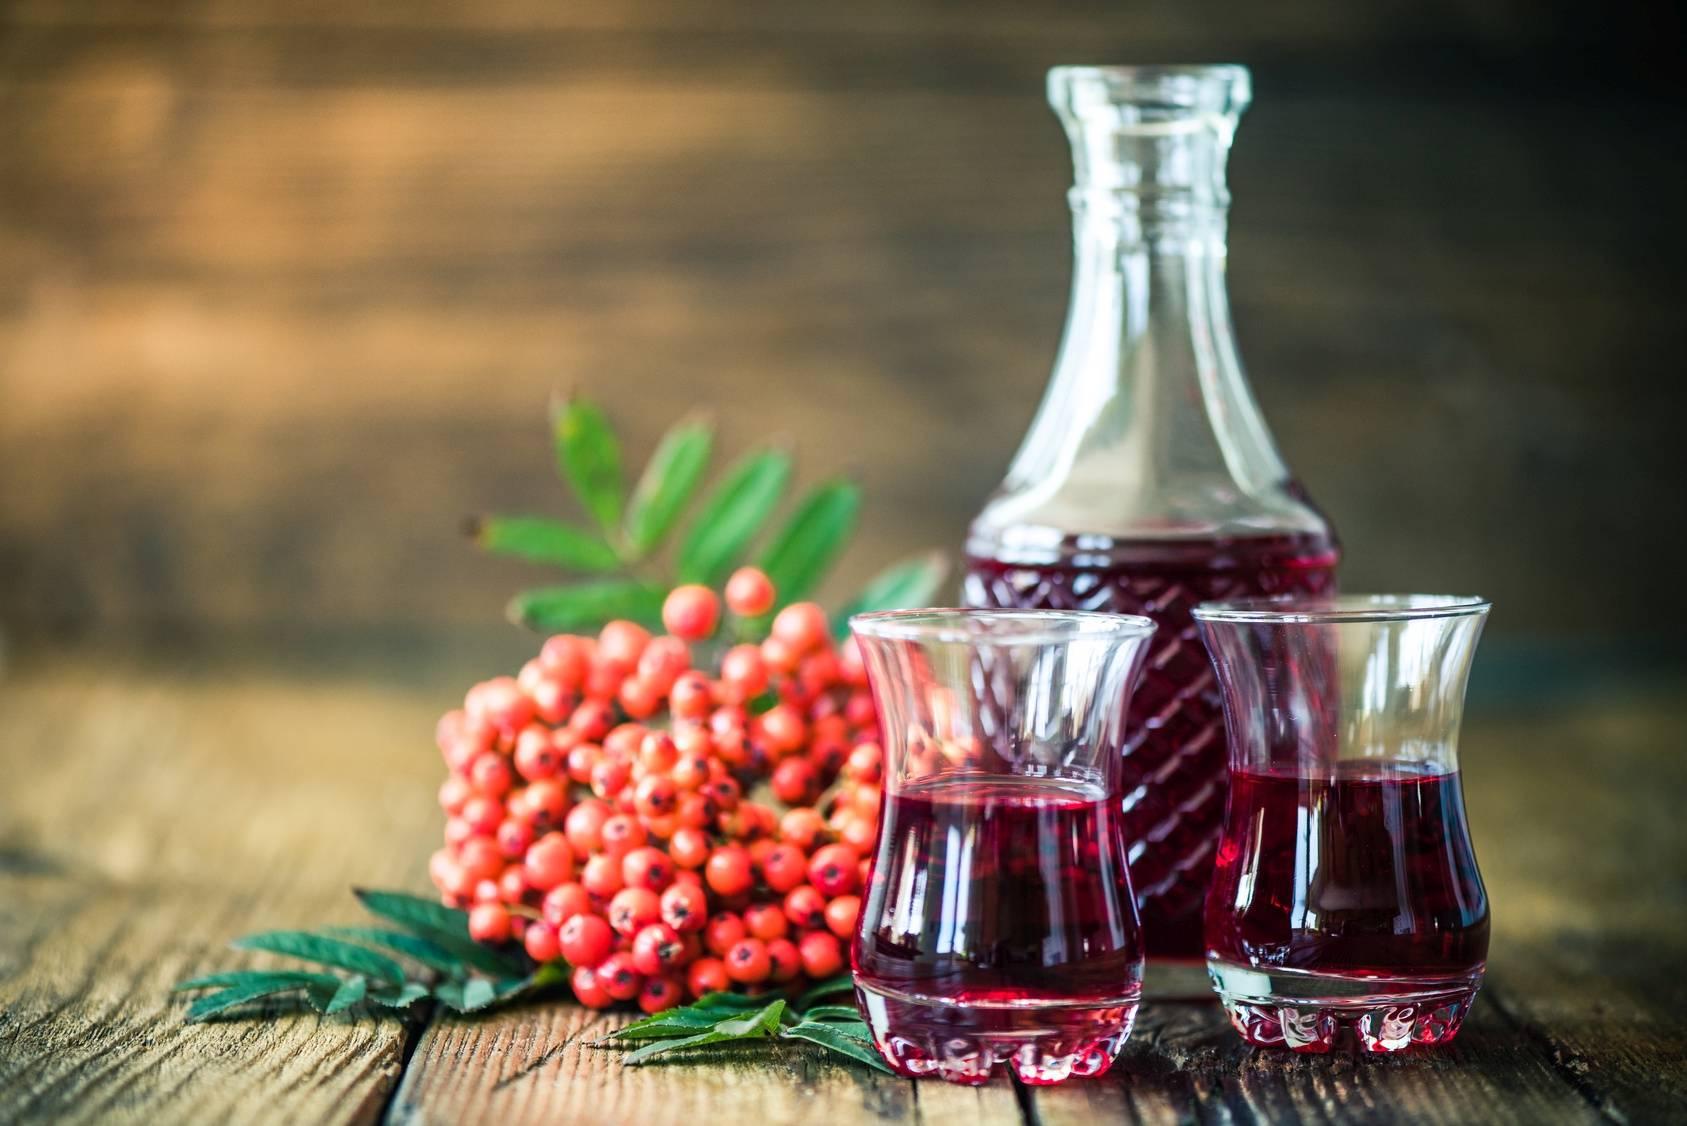 Przepisy na nalewki z jarzębiny, kasztanów i tarniny. Sprawdź, jakie mają właściwości lecznicze. Nalewka z jarzębiny w karafce i szklankach na drewnianym blacie.